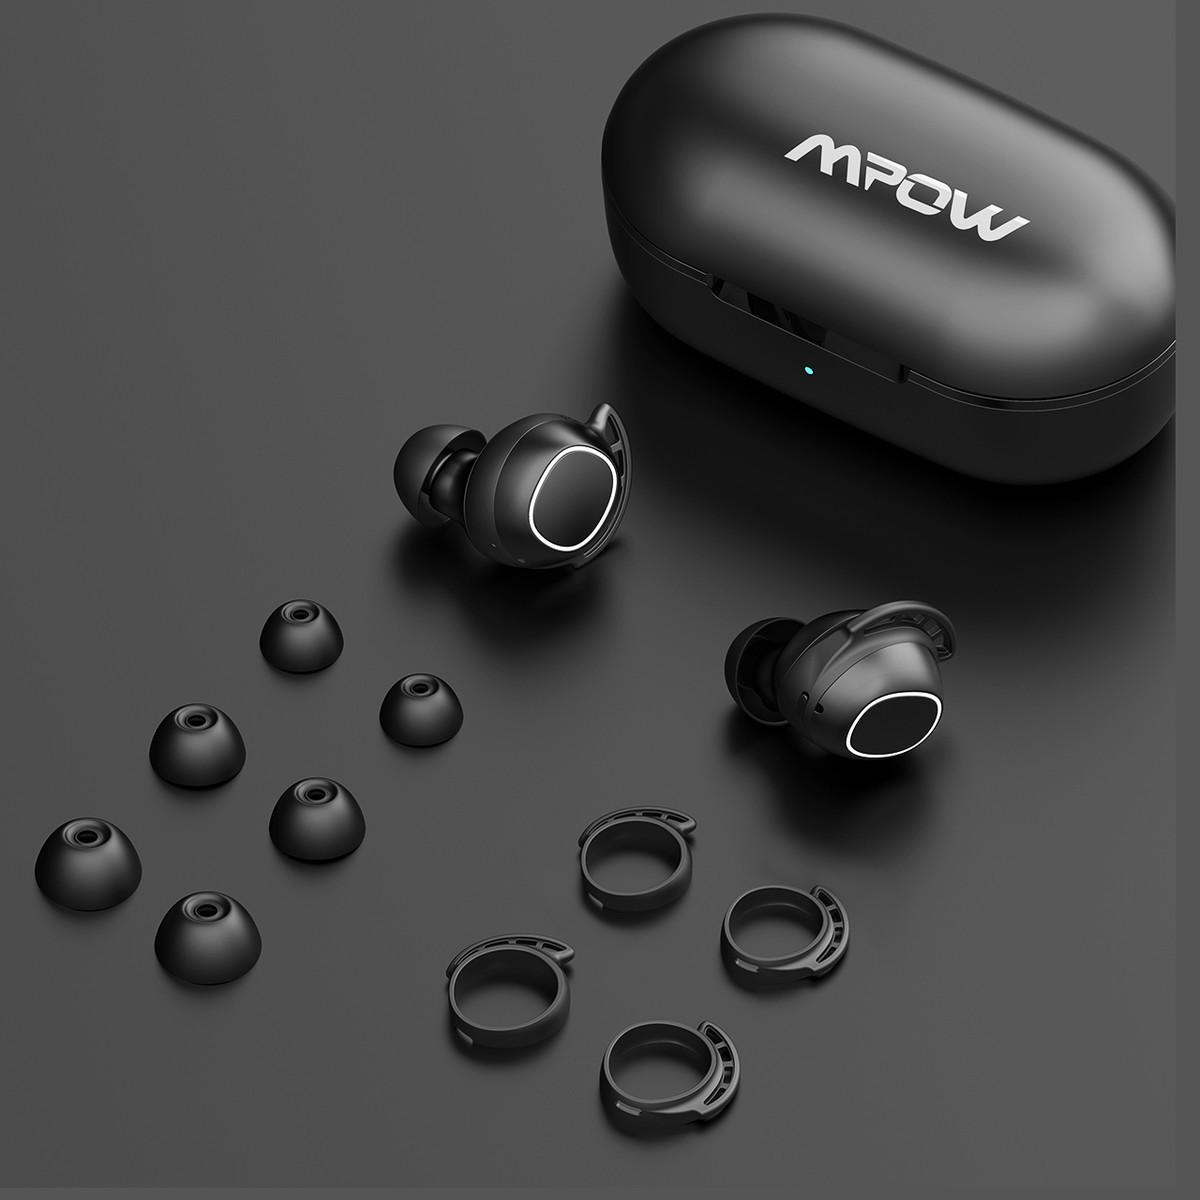 Mpow M30